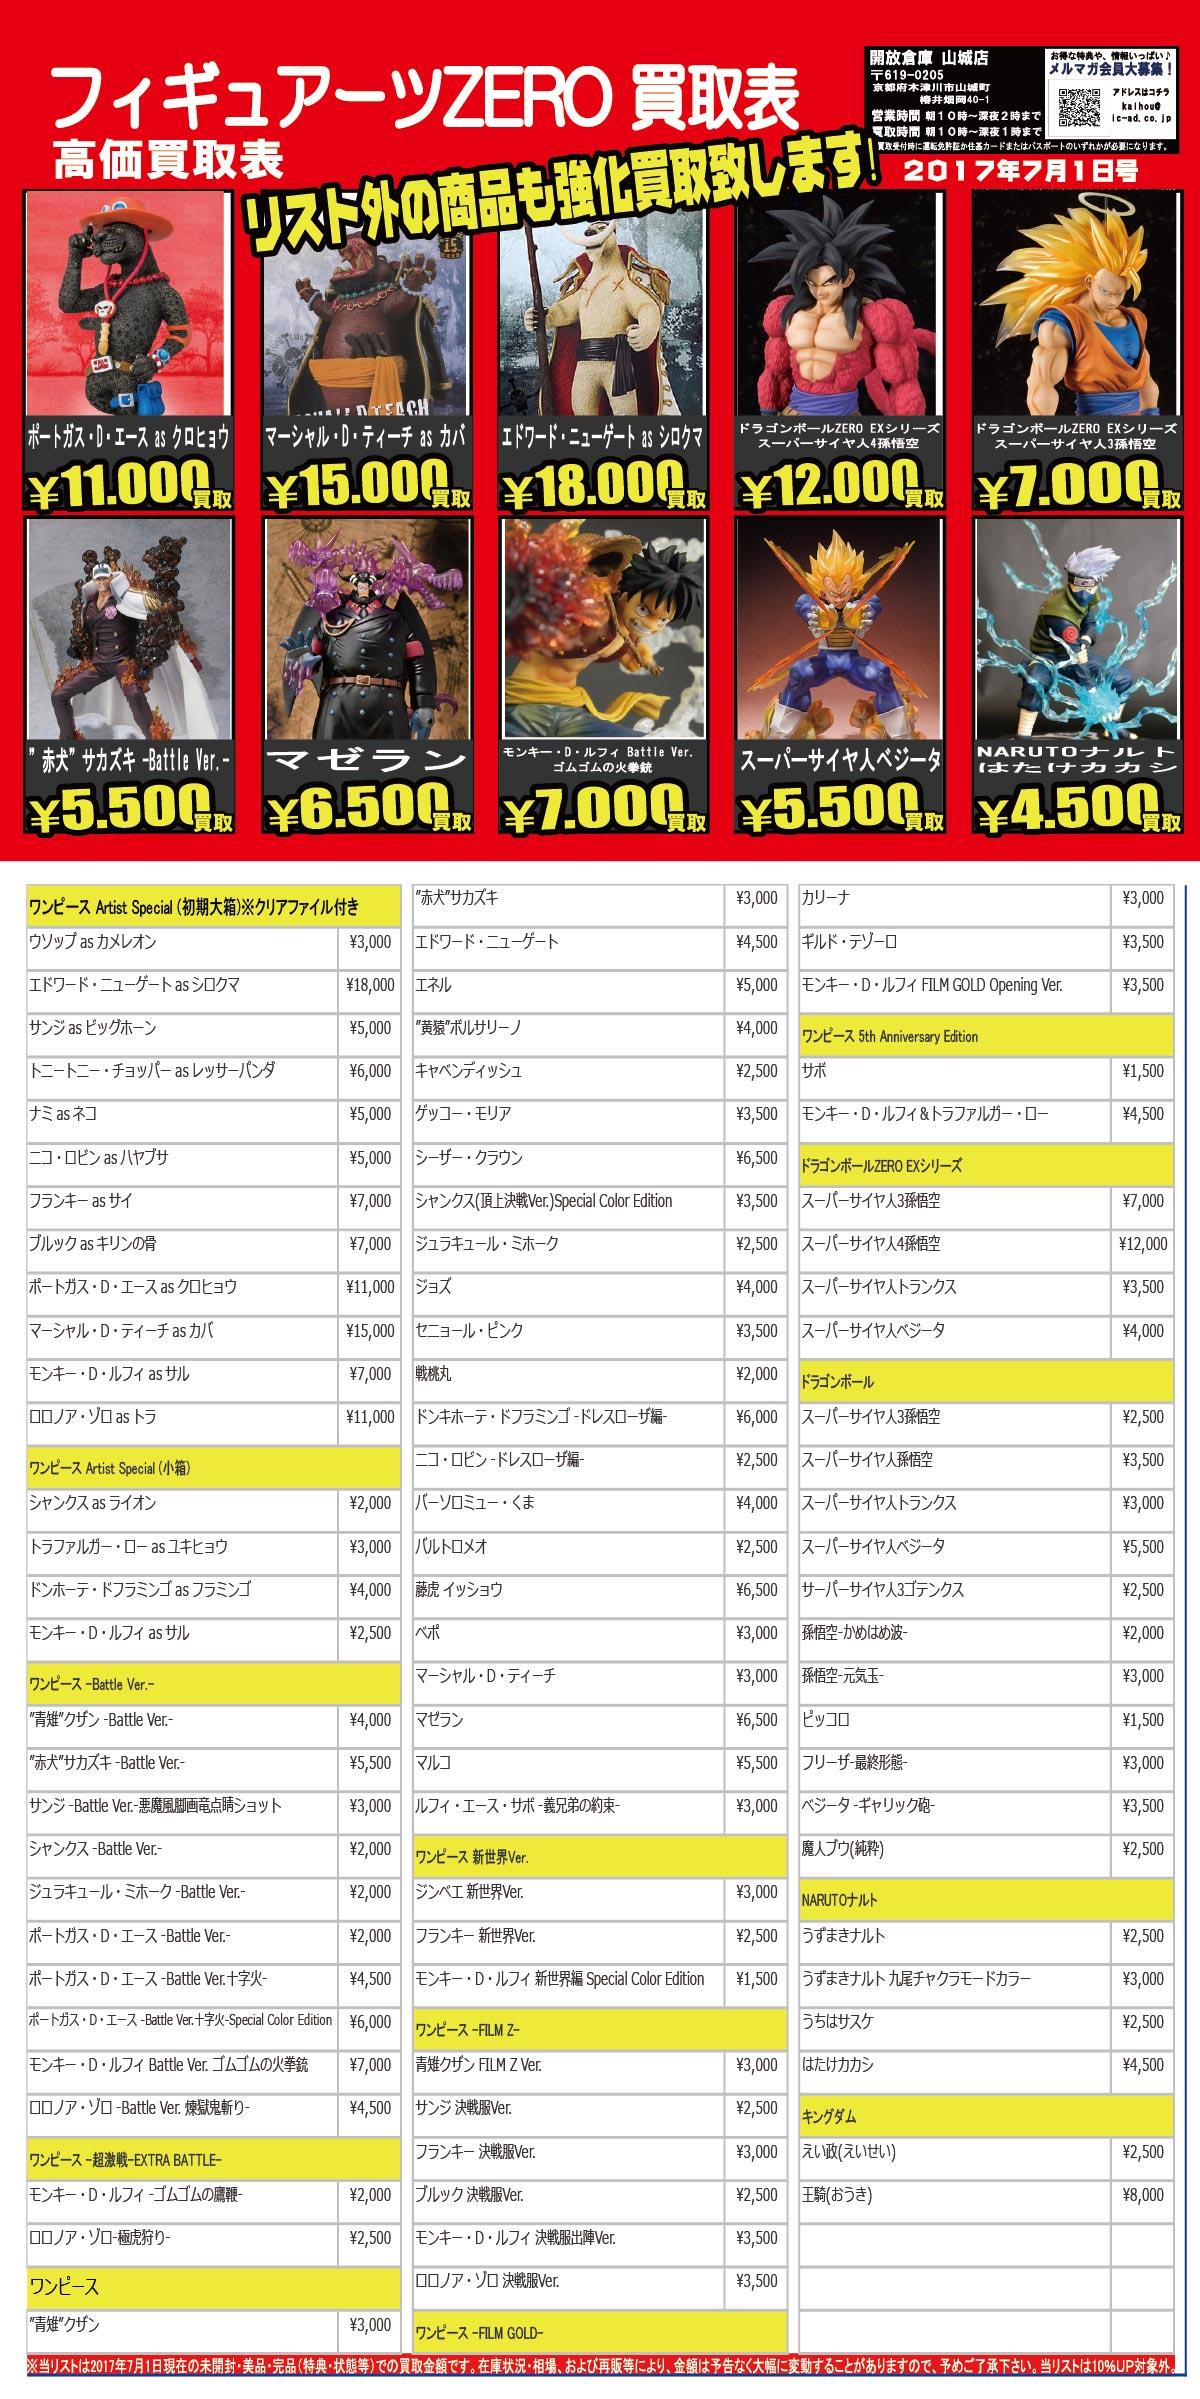 「開放倉庫山城店」2017.07フィギュアーツZERO買取表を更新しました!!ONE PIECE、ドラゴンボールZERO EX、NARUTOなどなど